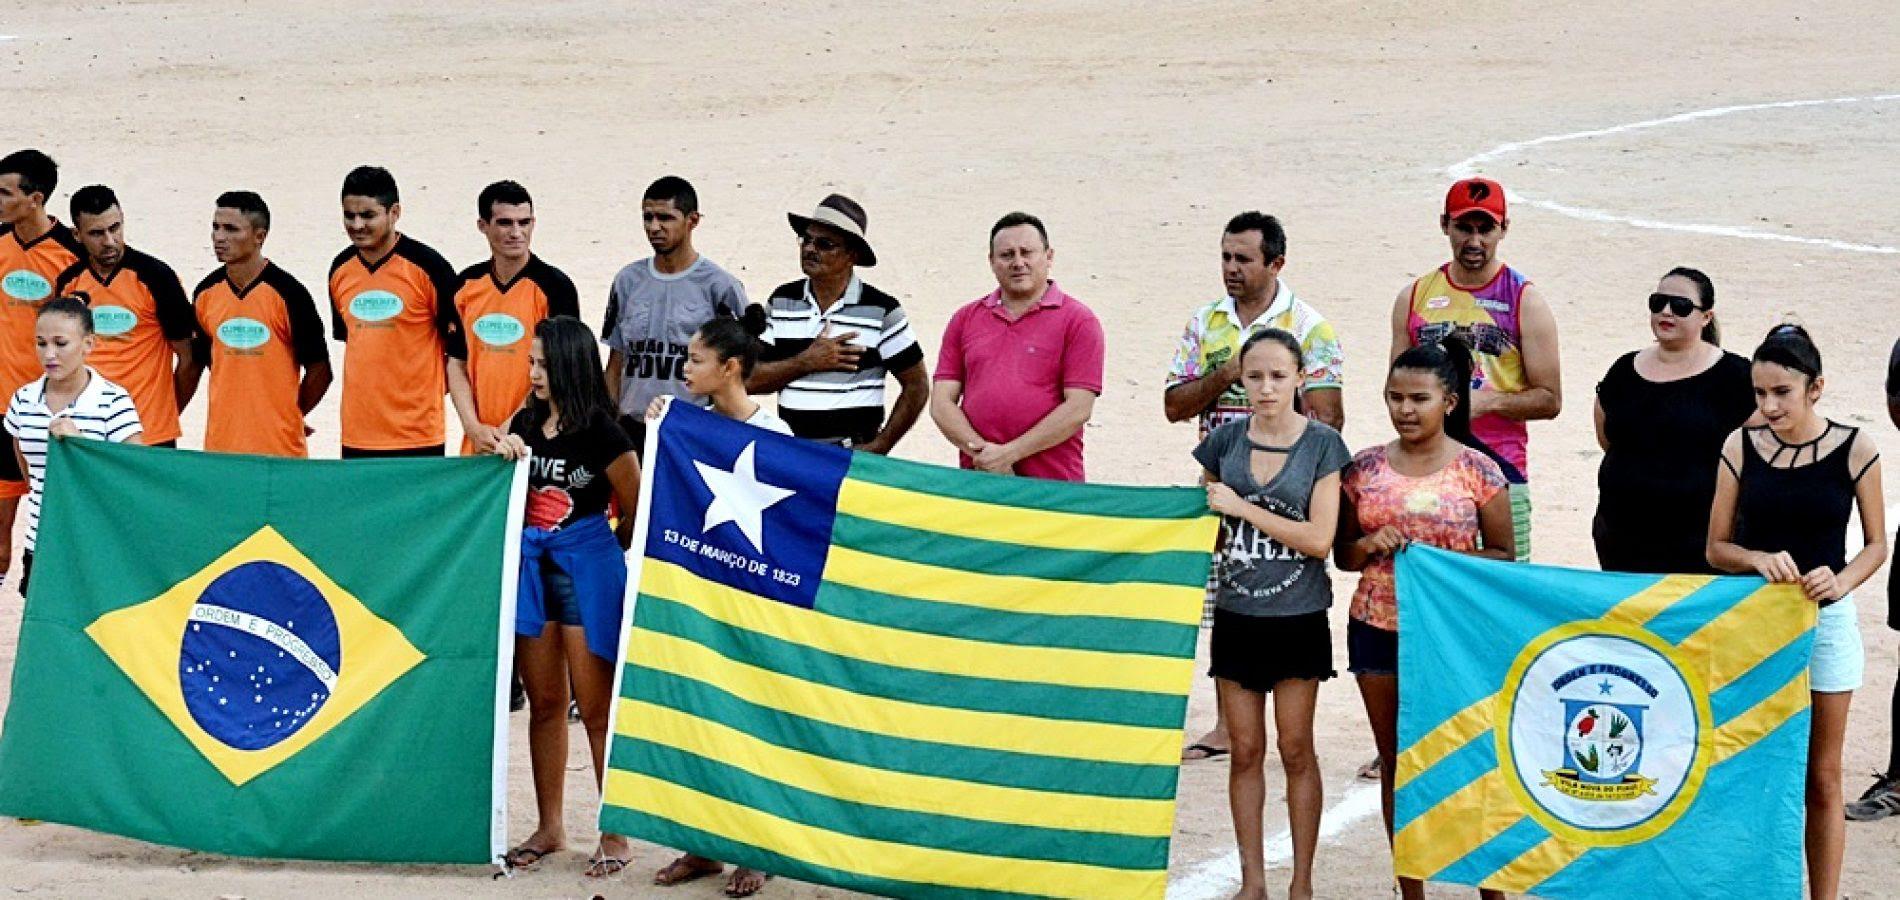 Prefeito Edilson Brito abre oficialmente o 18º Campeonato de Futebol em Vila Nova do Piauí. Veja placar da rodada!